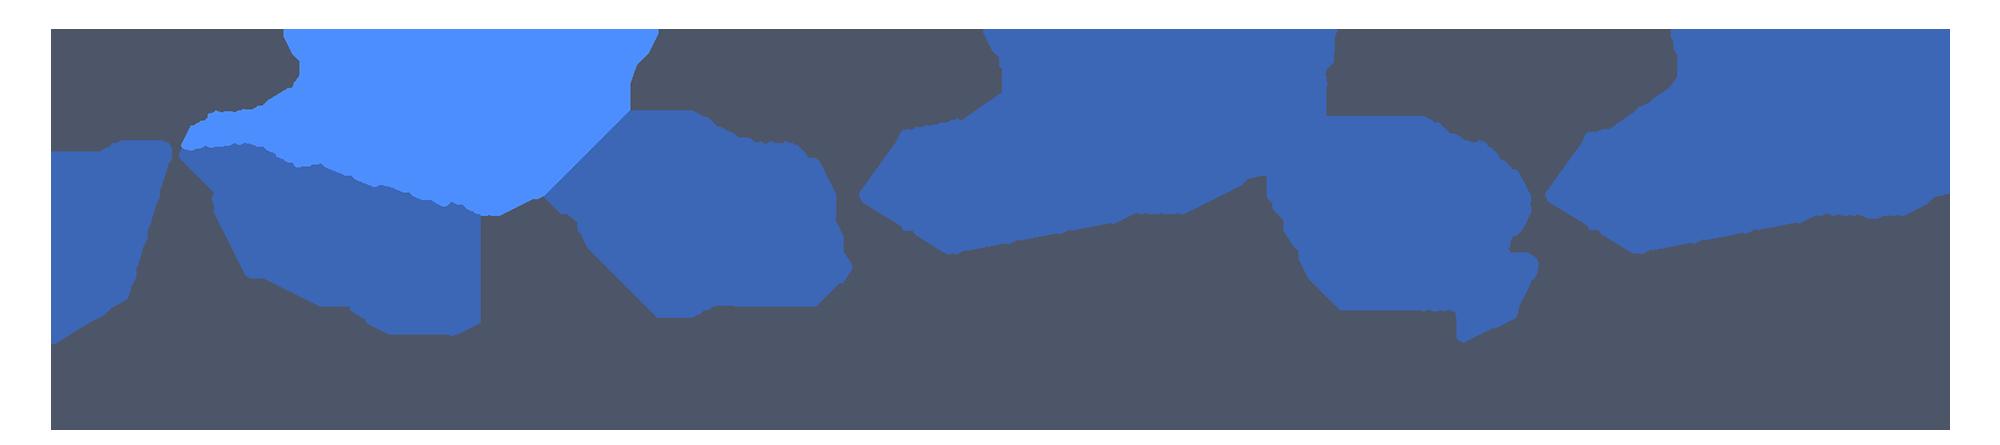 Come apprende Facebook Rosetta la concatenazione delle parole